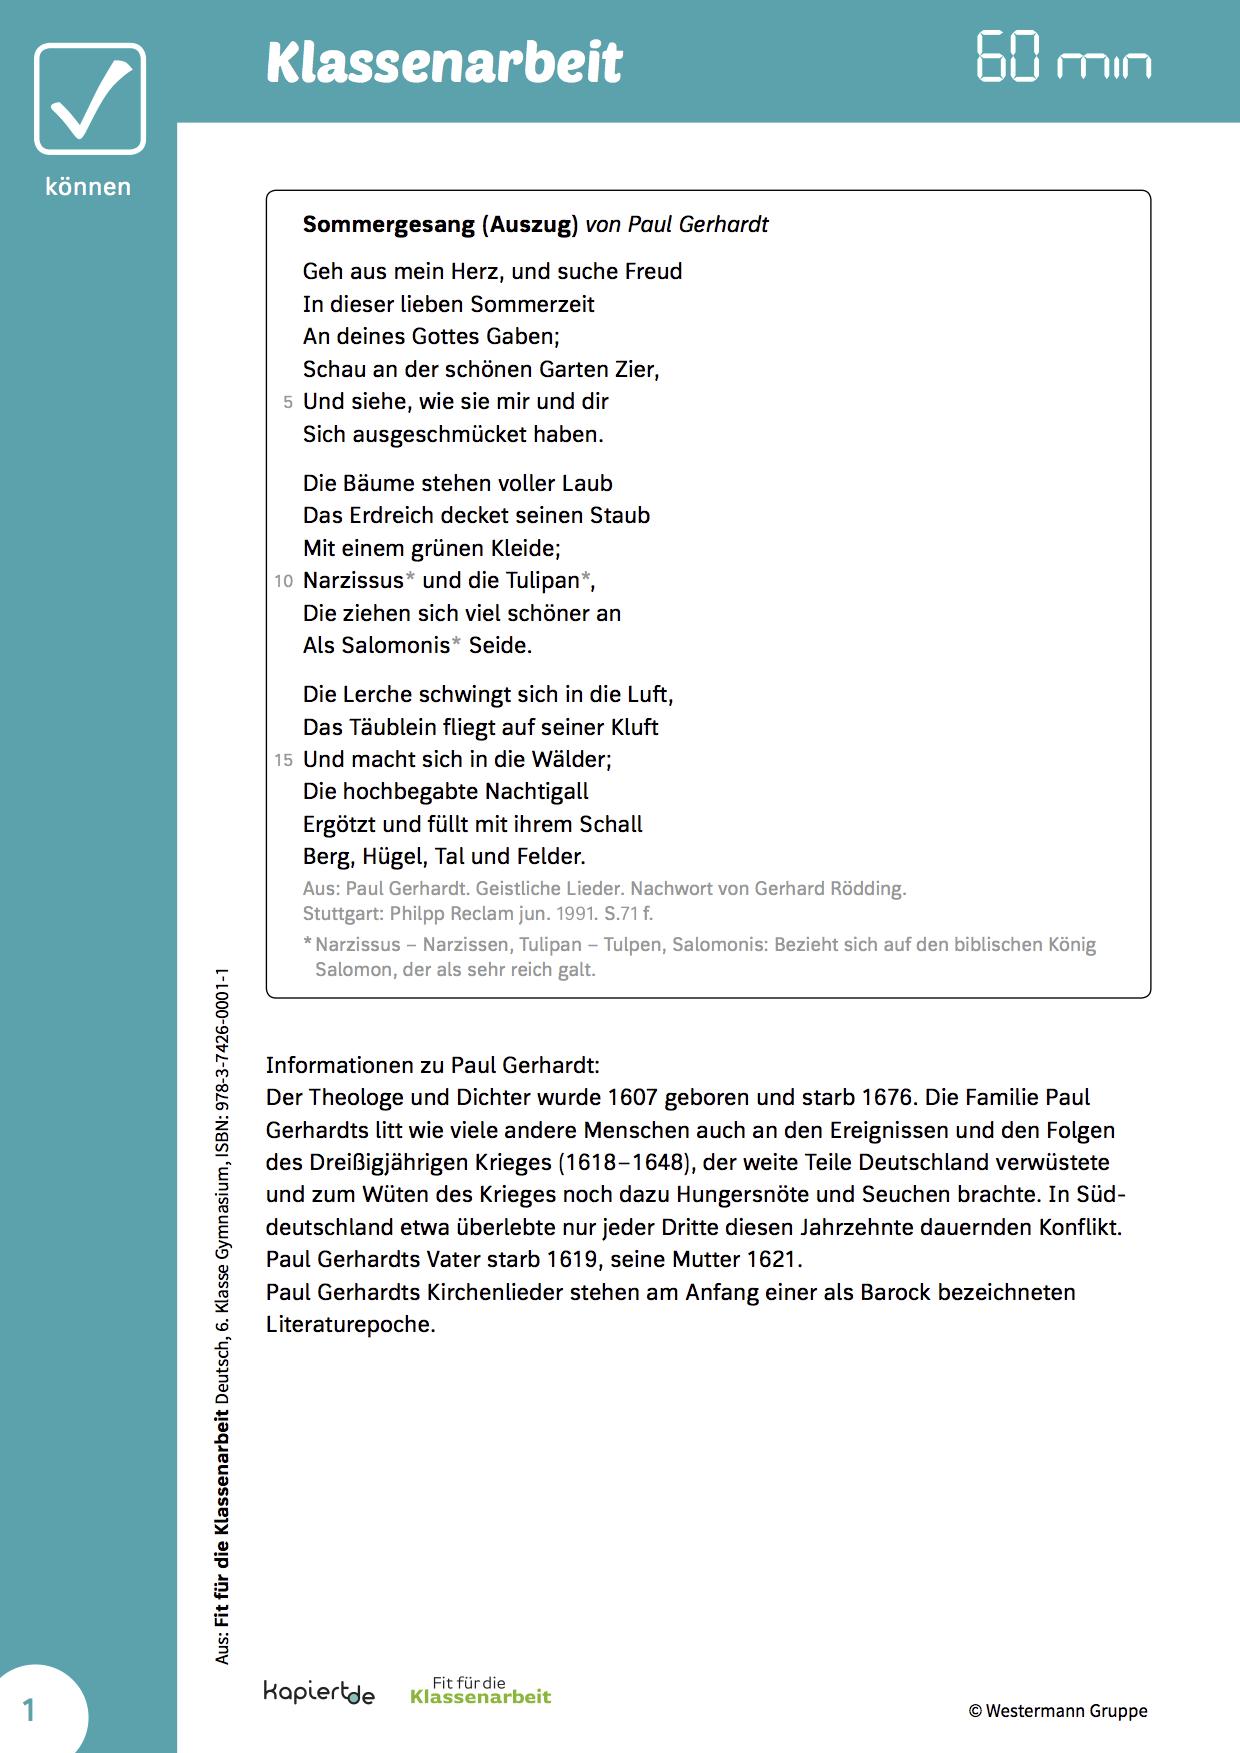 Klassenarbeit Gedichtinterpretation Klassenarbeiten Erste Klasse Deutsche Gedichte